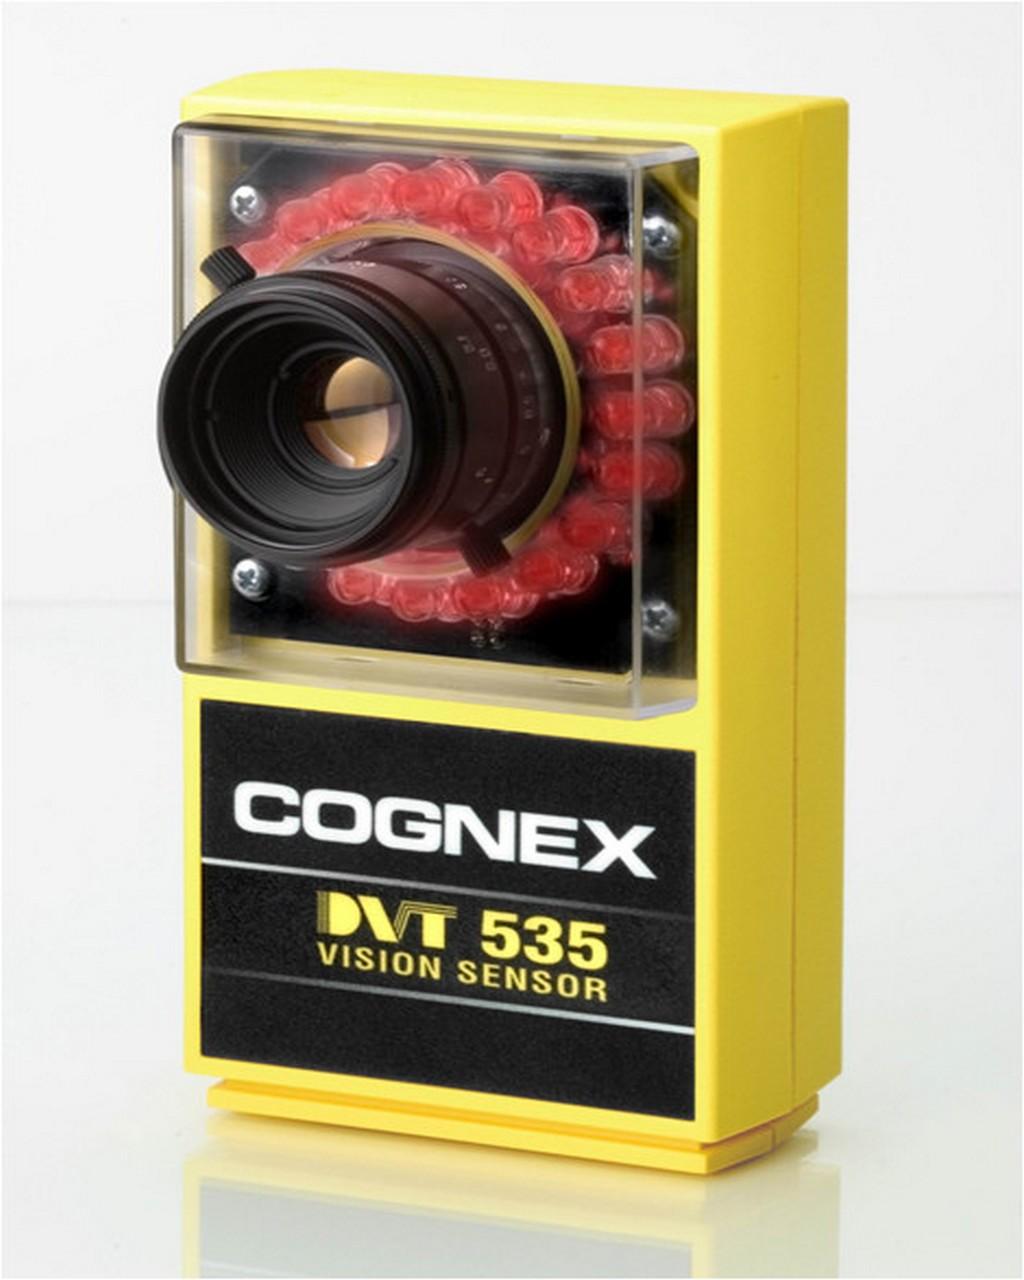 Cognex DVT